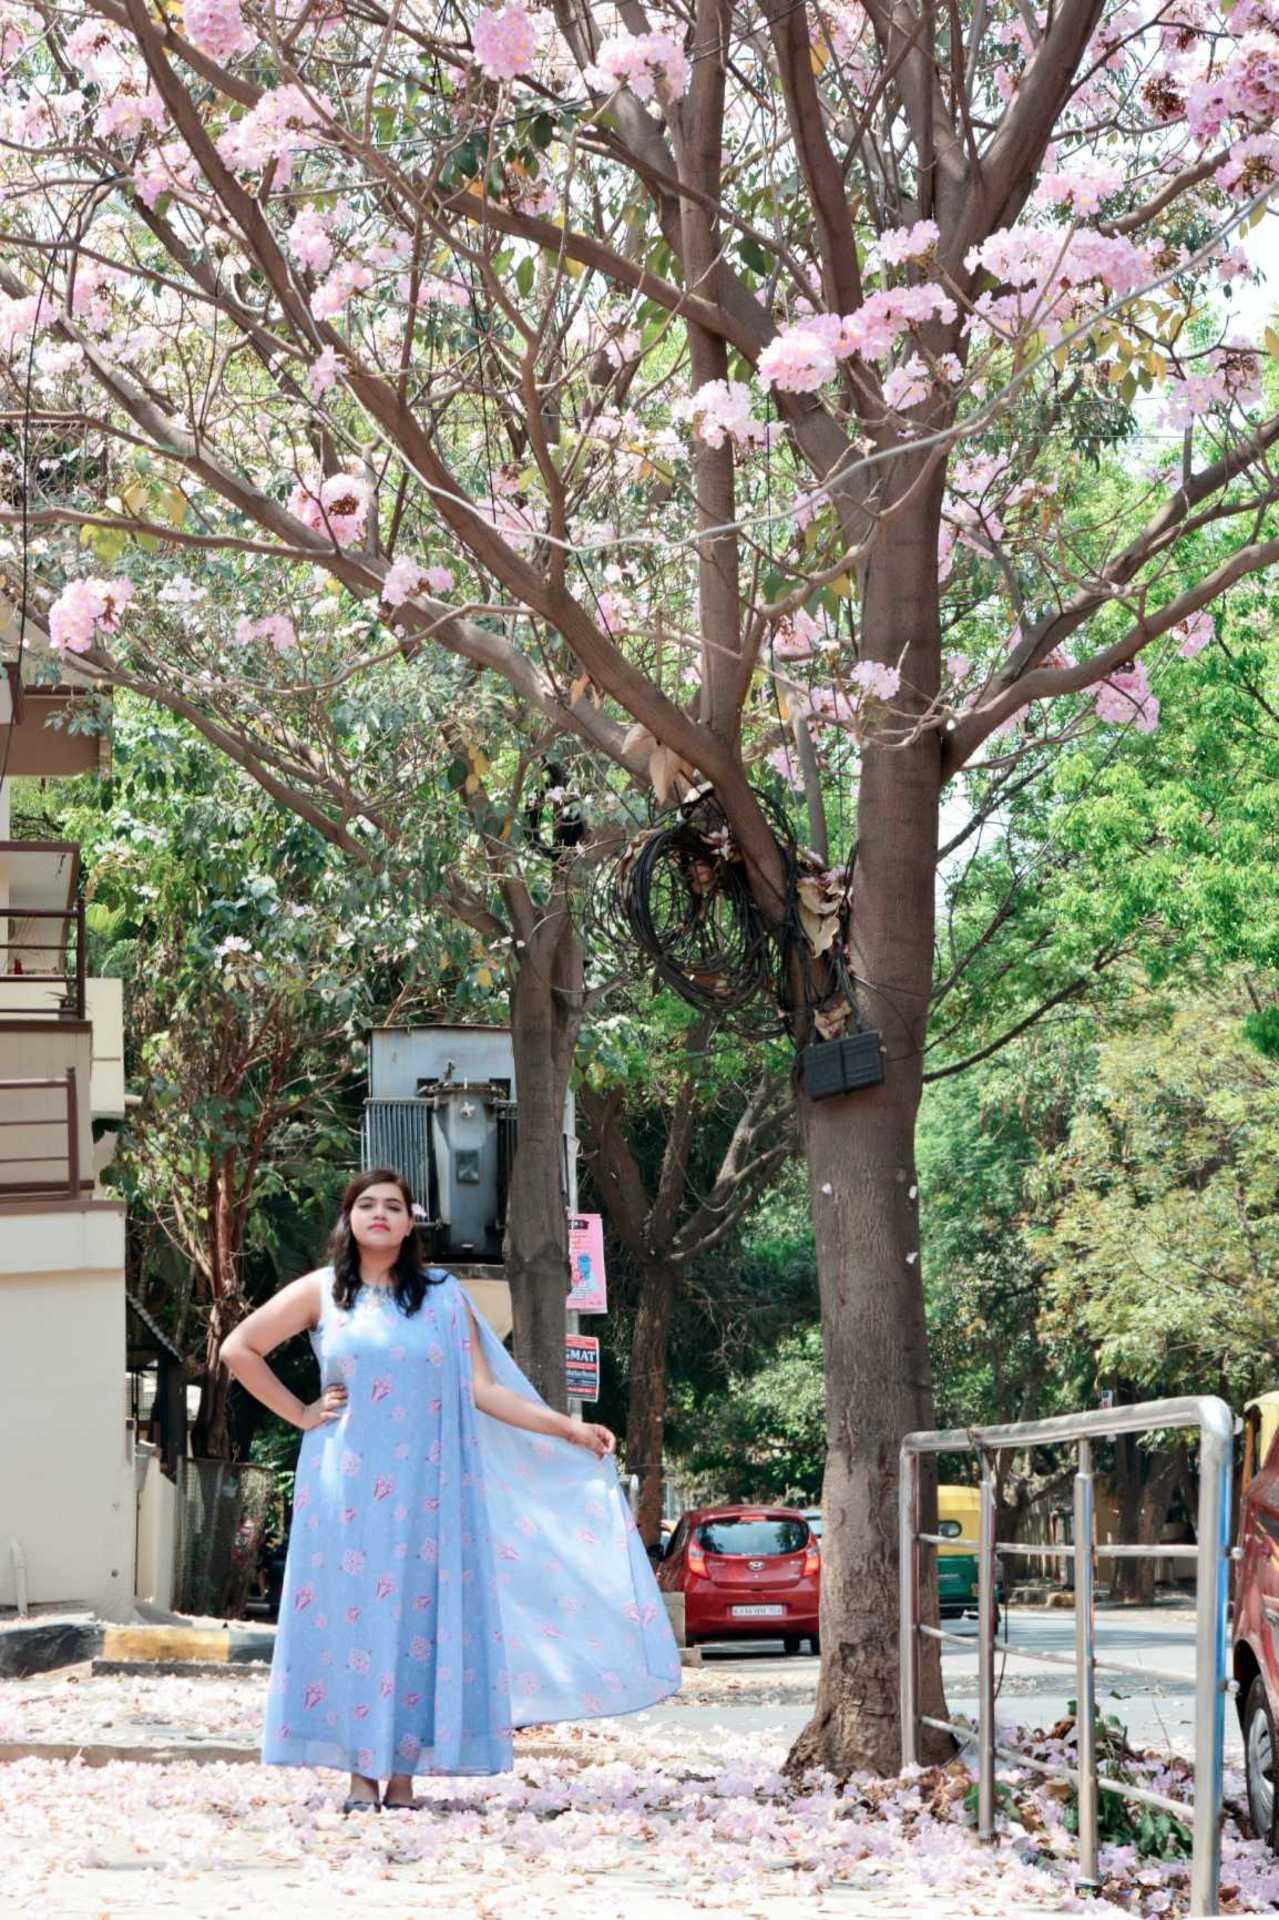 Cherry Blossom Spring image